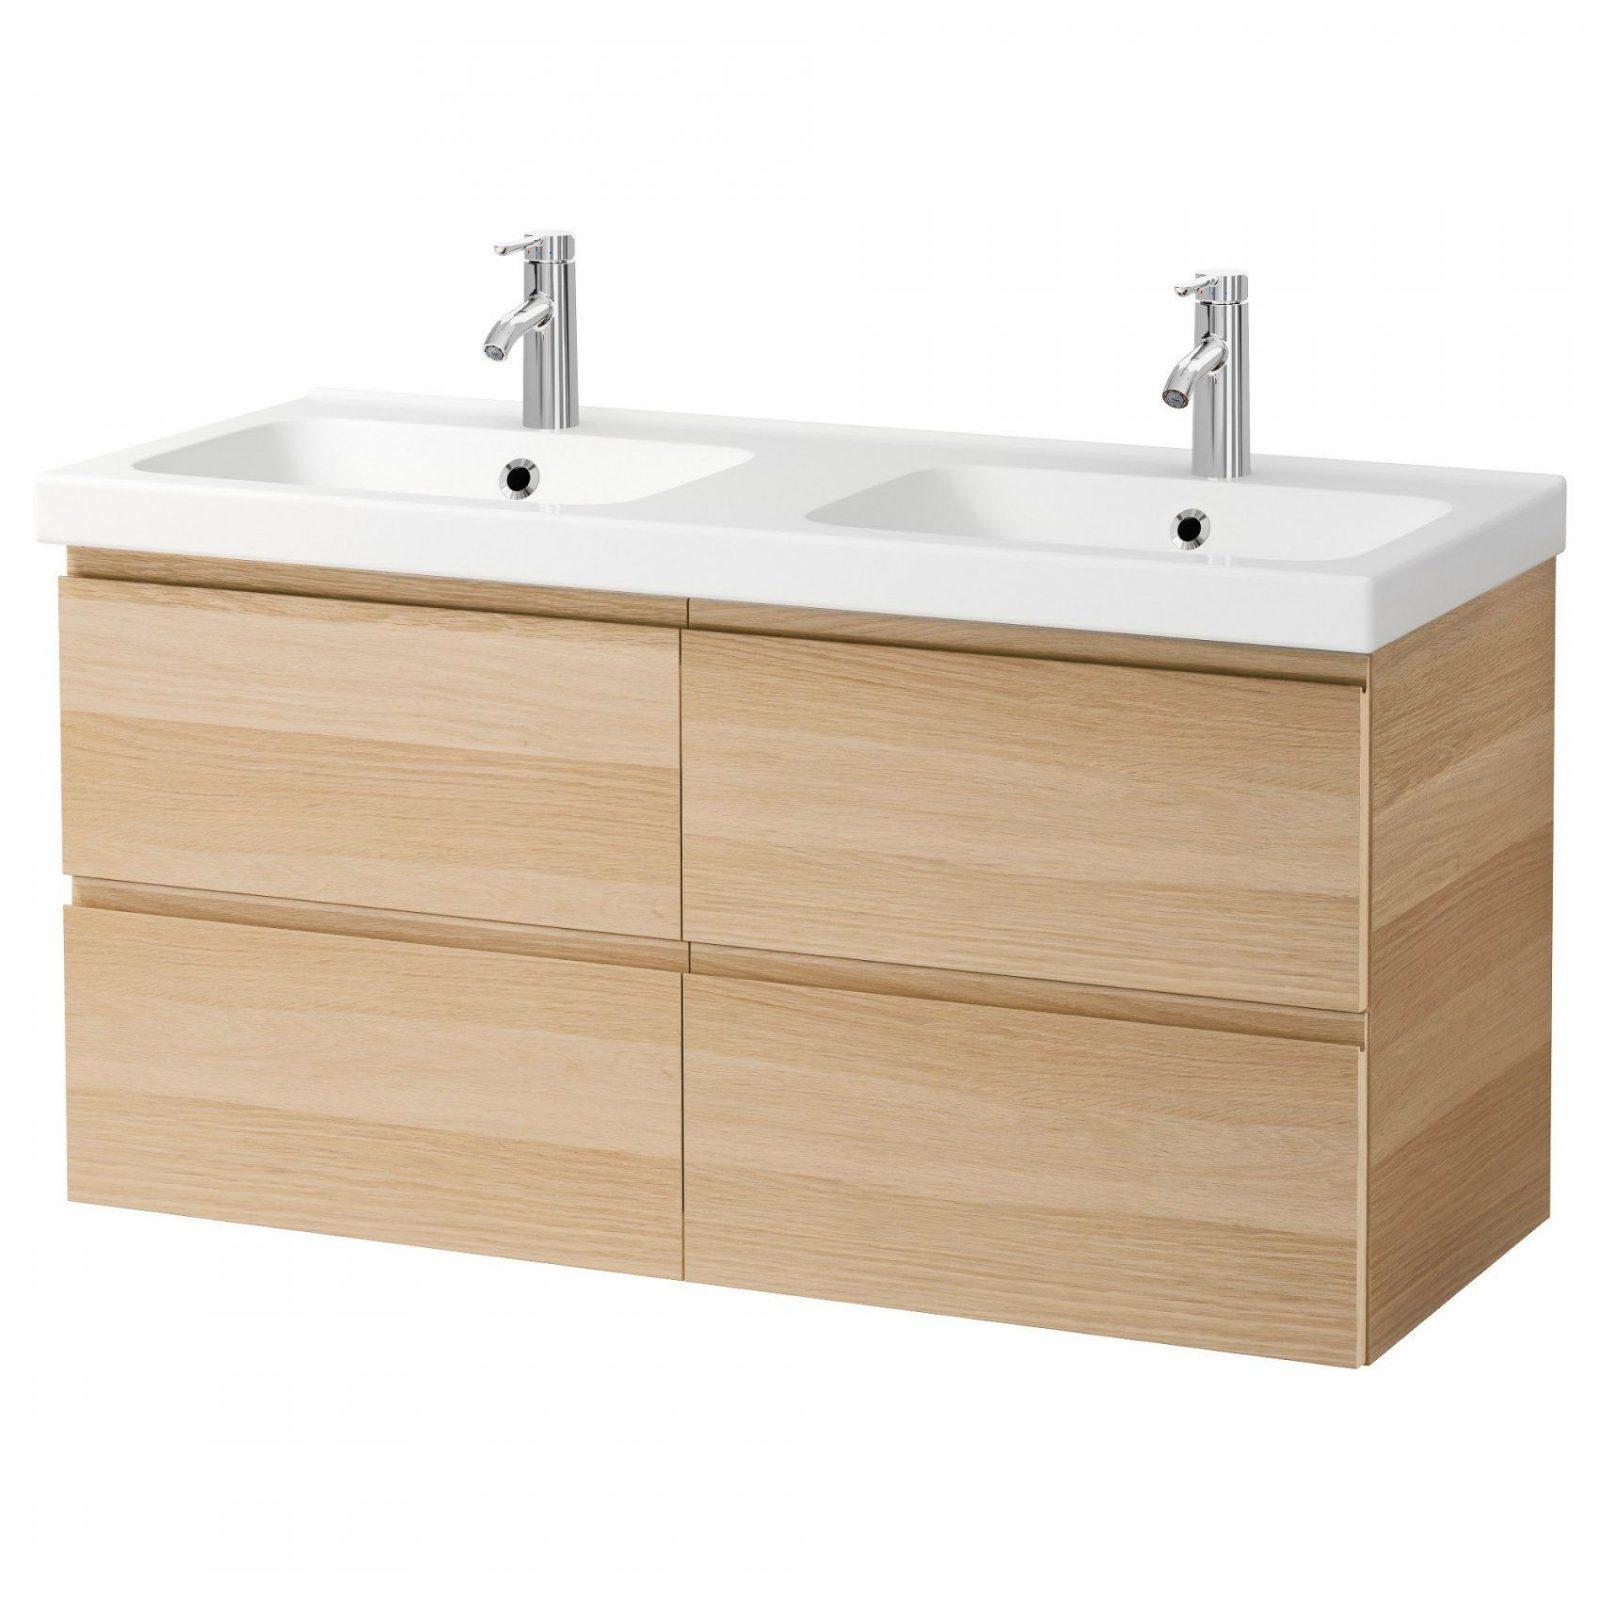 Waschbecken Mit Unterschrank Ikea